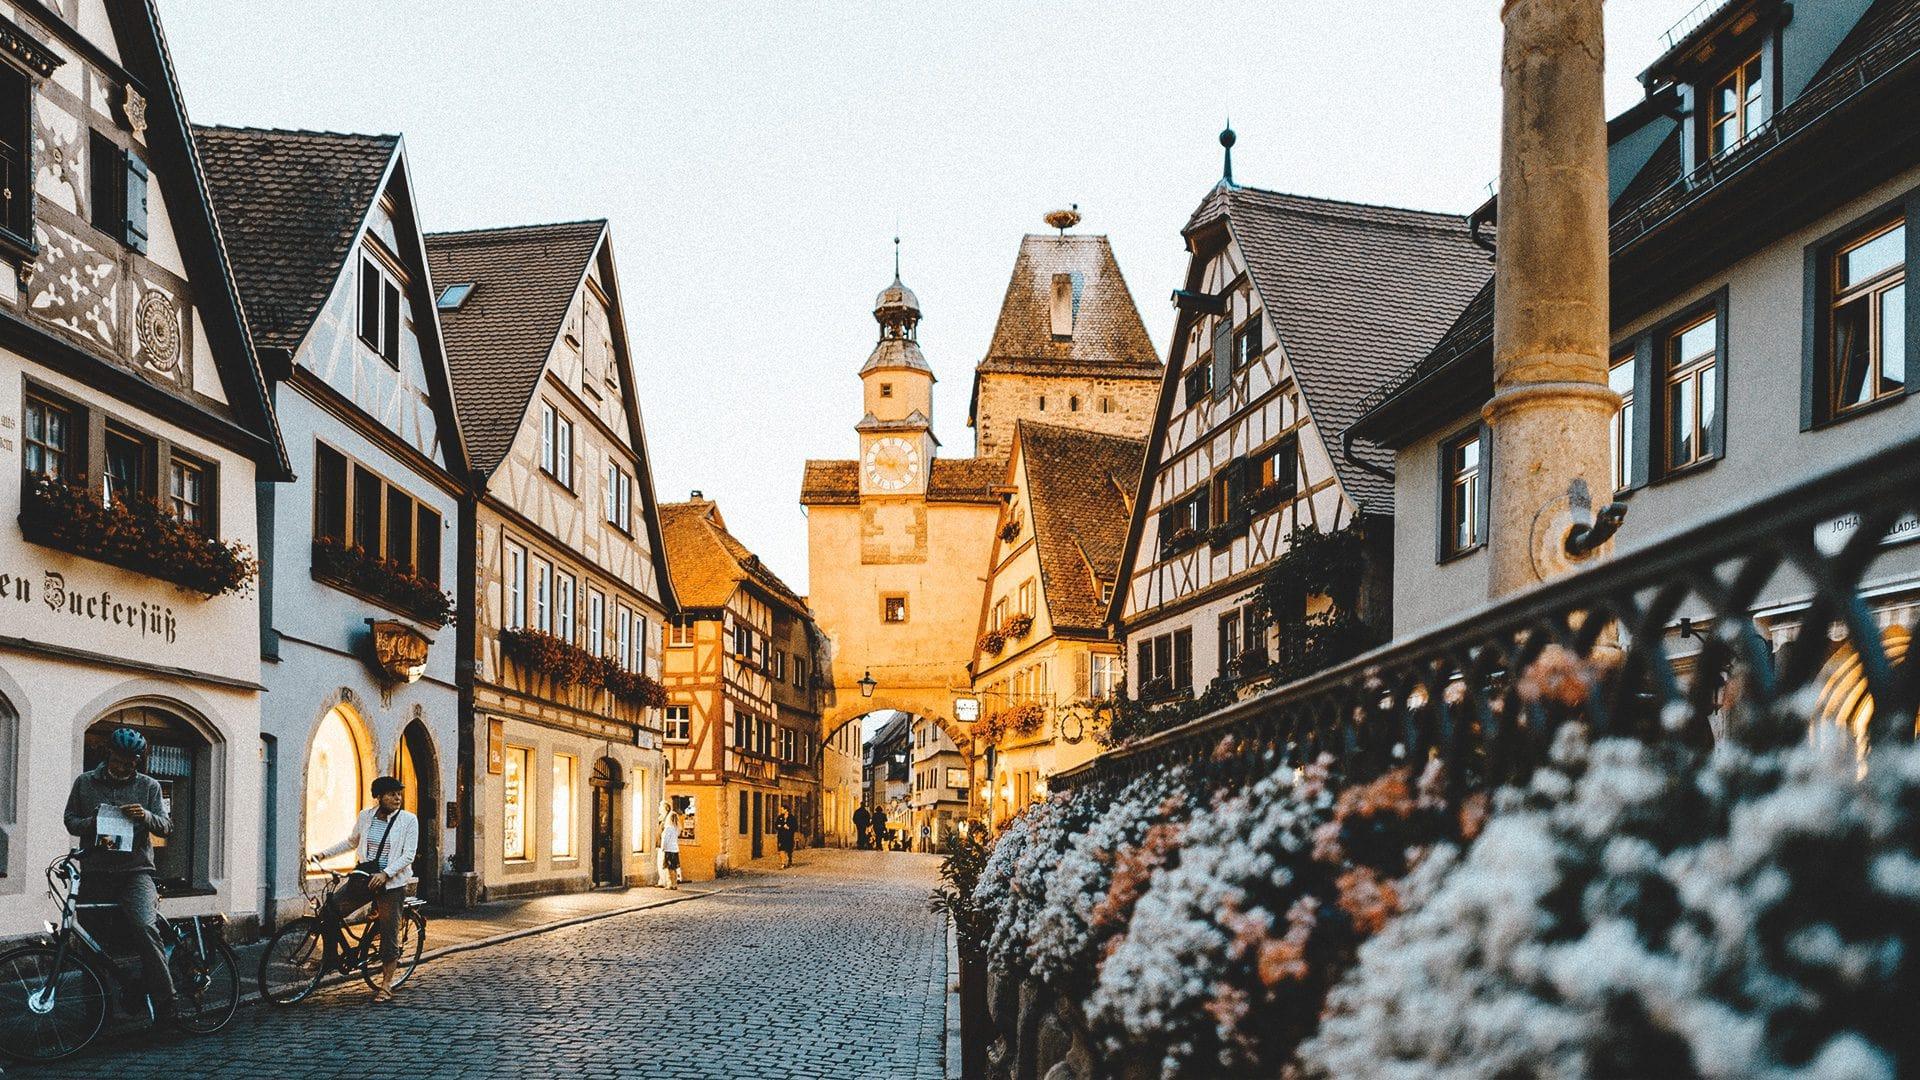 Ruta Romántica en Alemania | Rojo Cangrejo Blog de Viajes